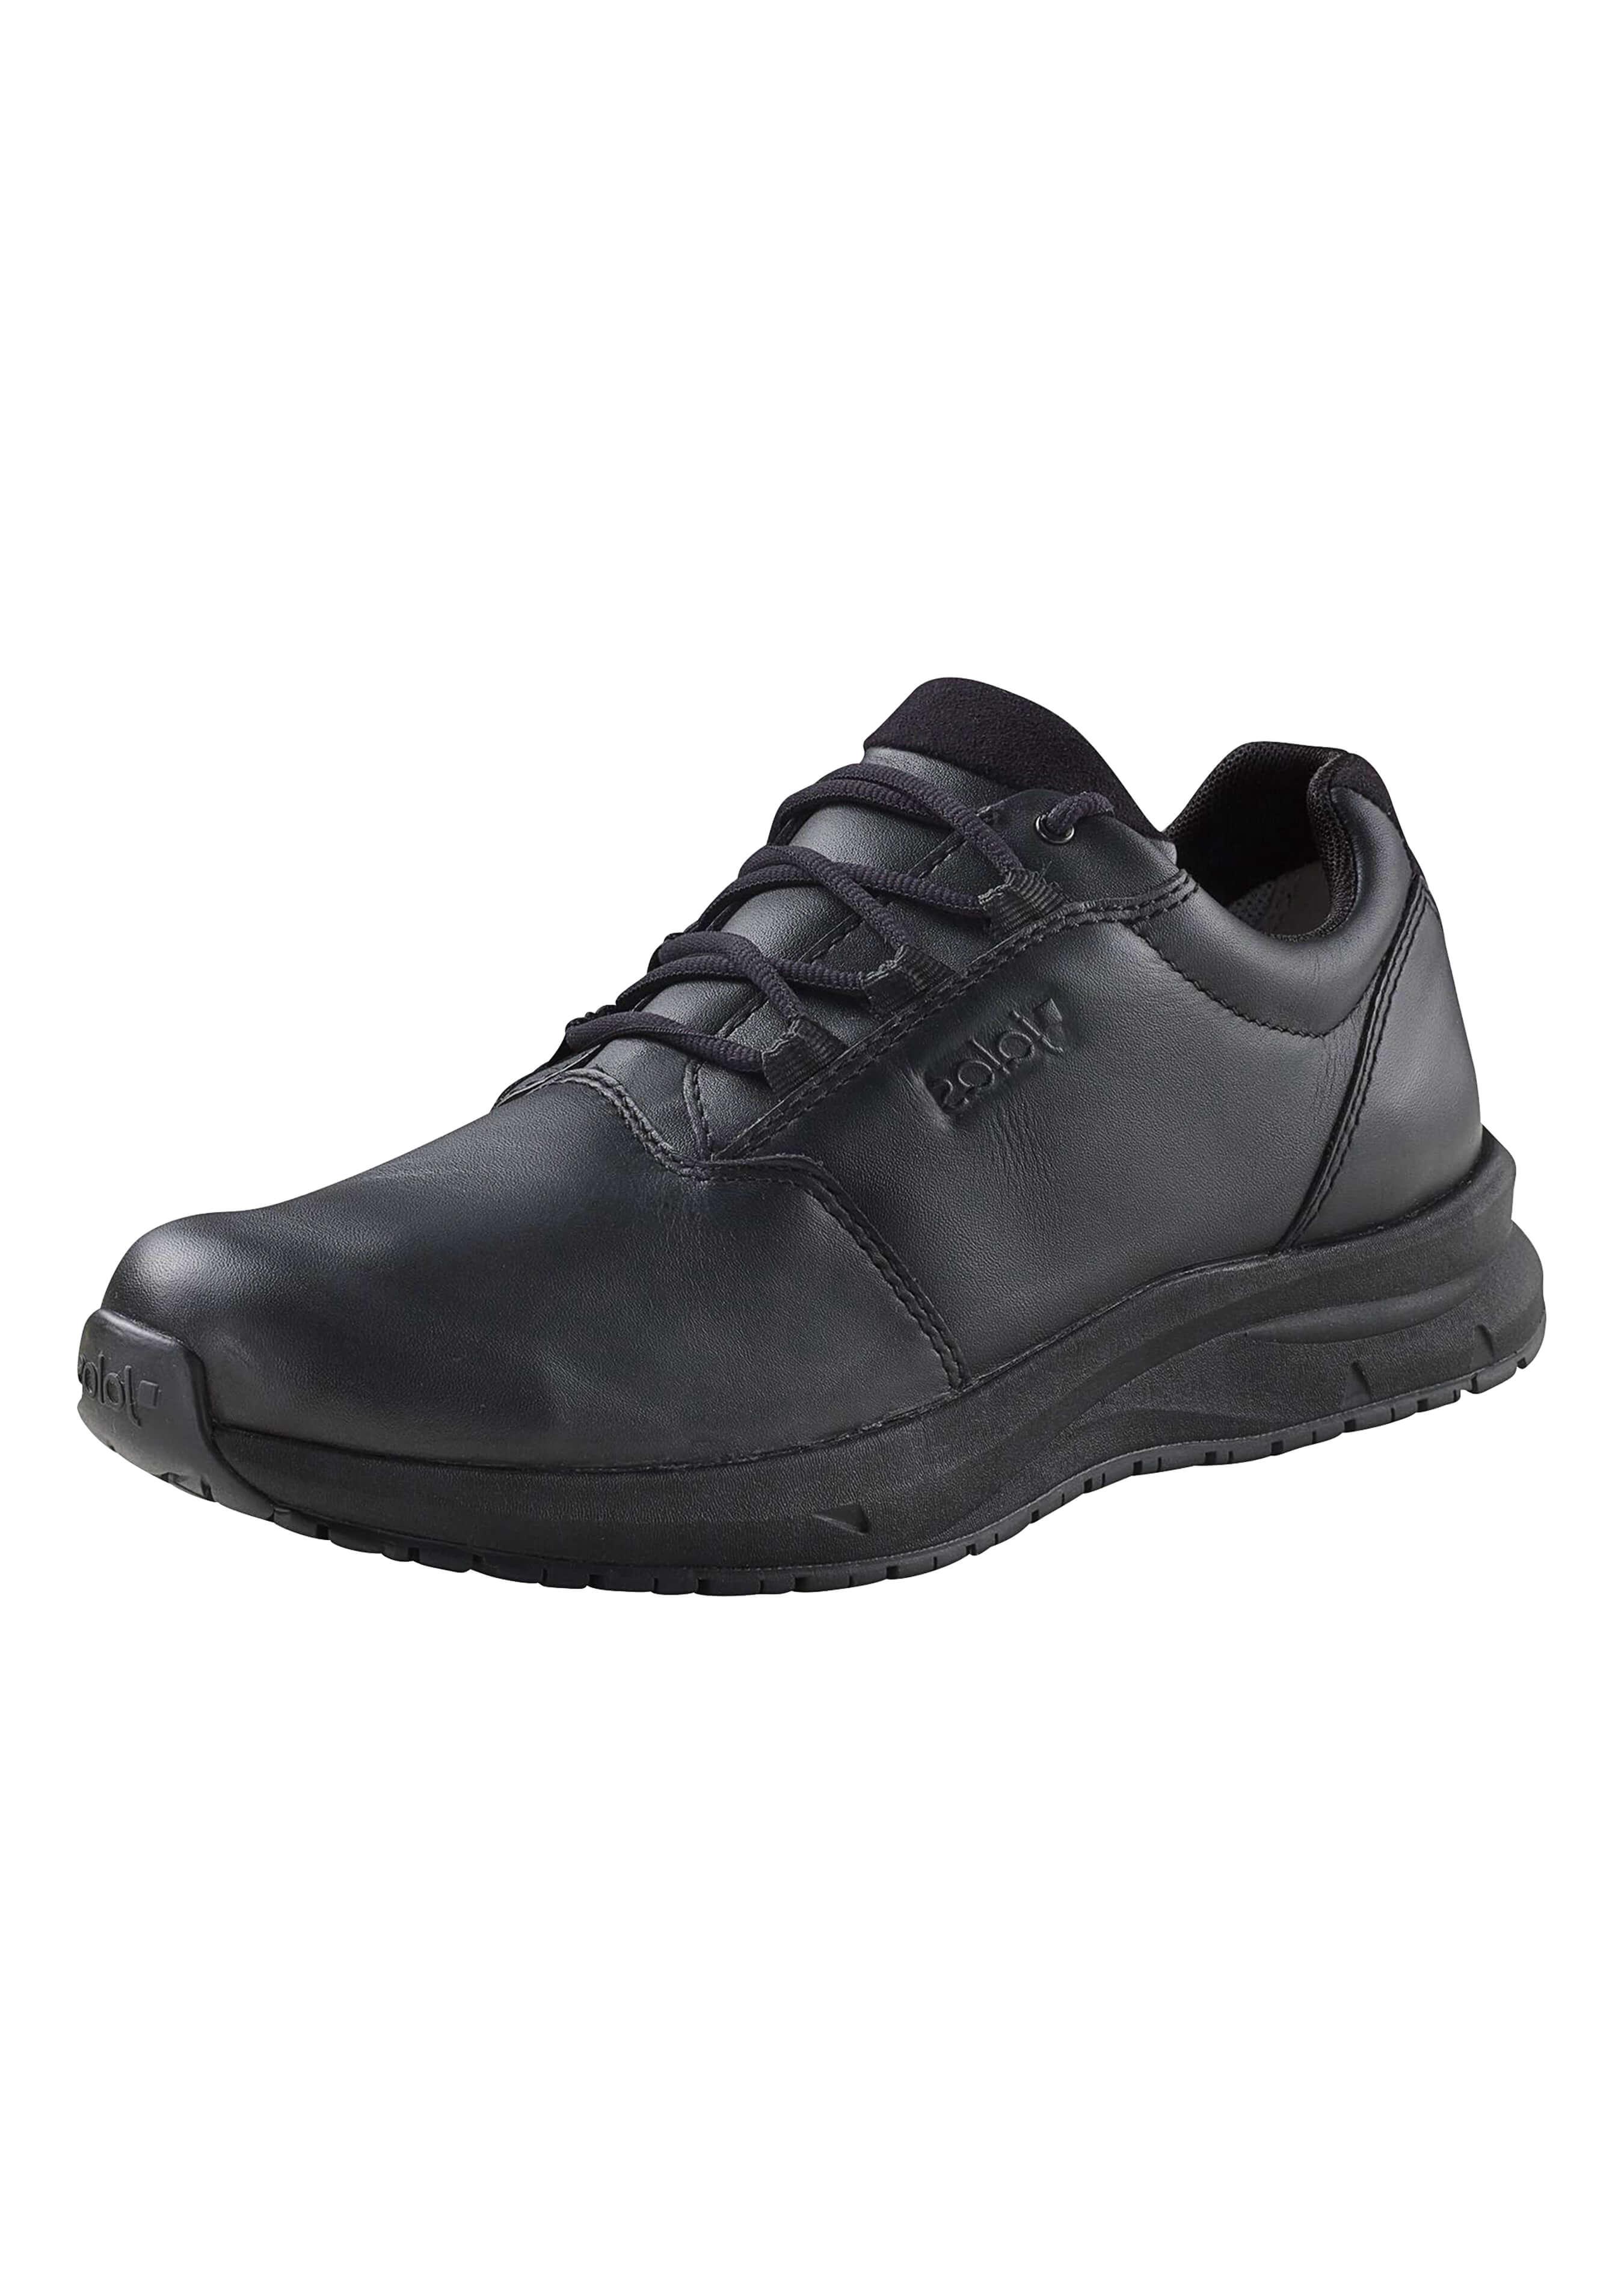 Jalas Spoc chaussure de travail O2 S 42401036 1